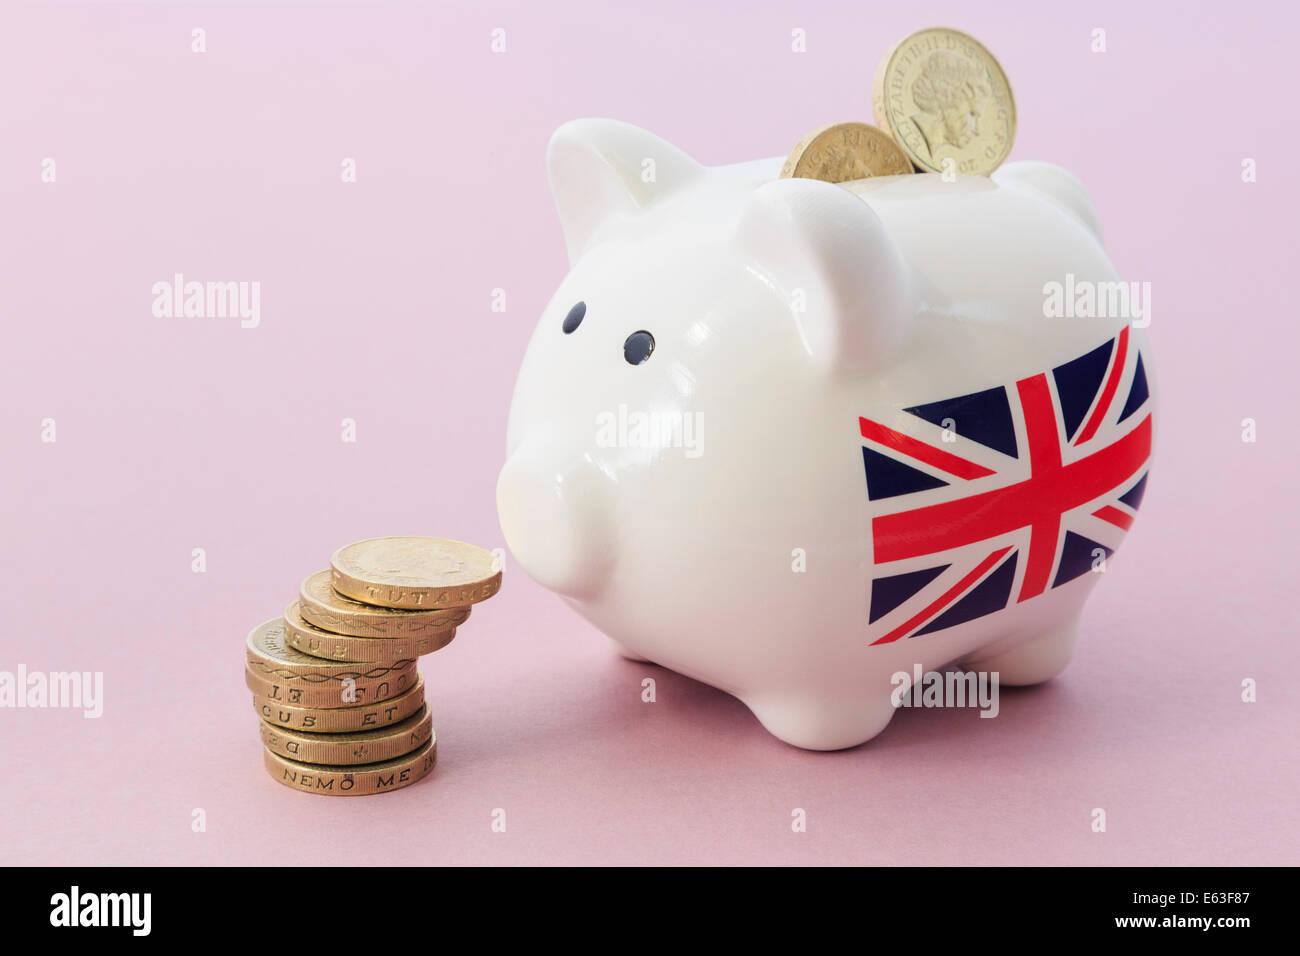 Der britische Union Jack auf Sparschwein auf einem Stapel von Pfund Pound Münzen zur Veranschaulichung von Einsparungen Stockfoto